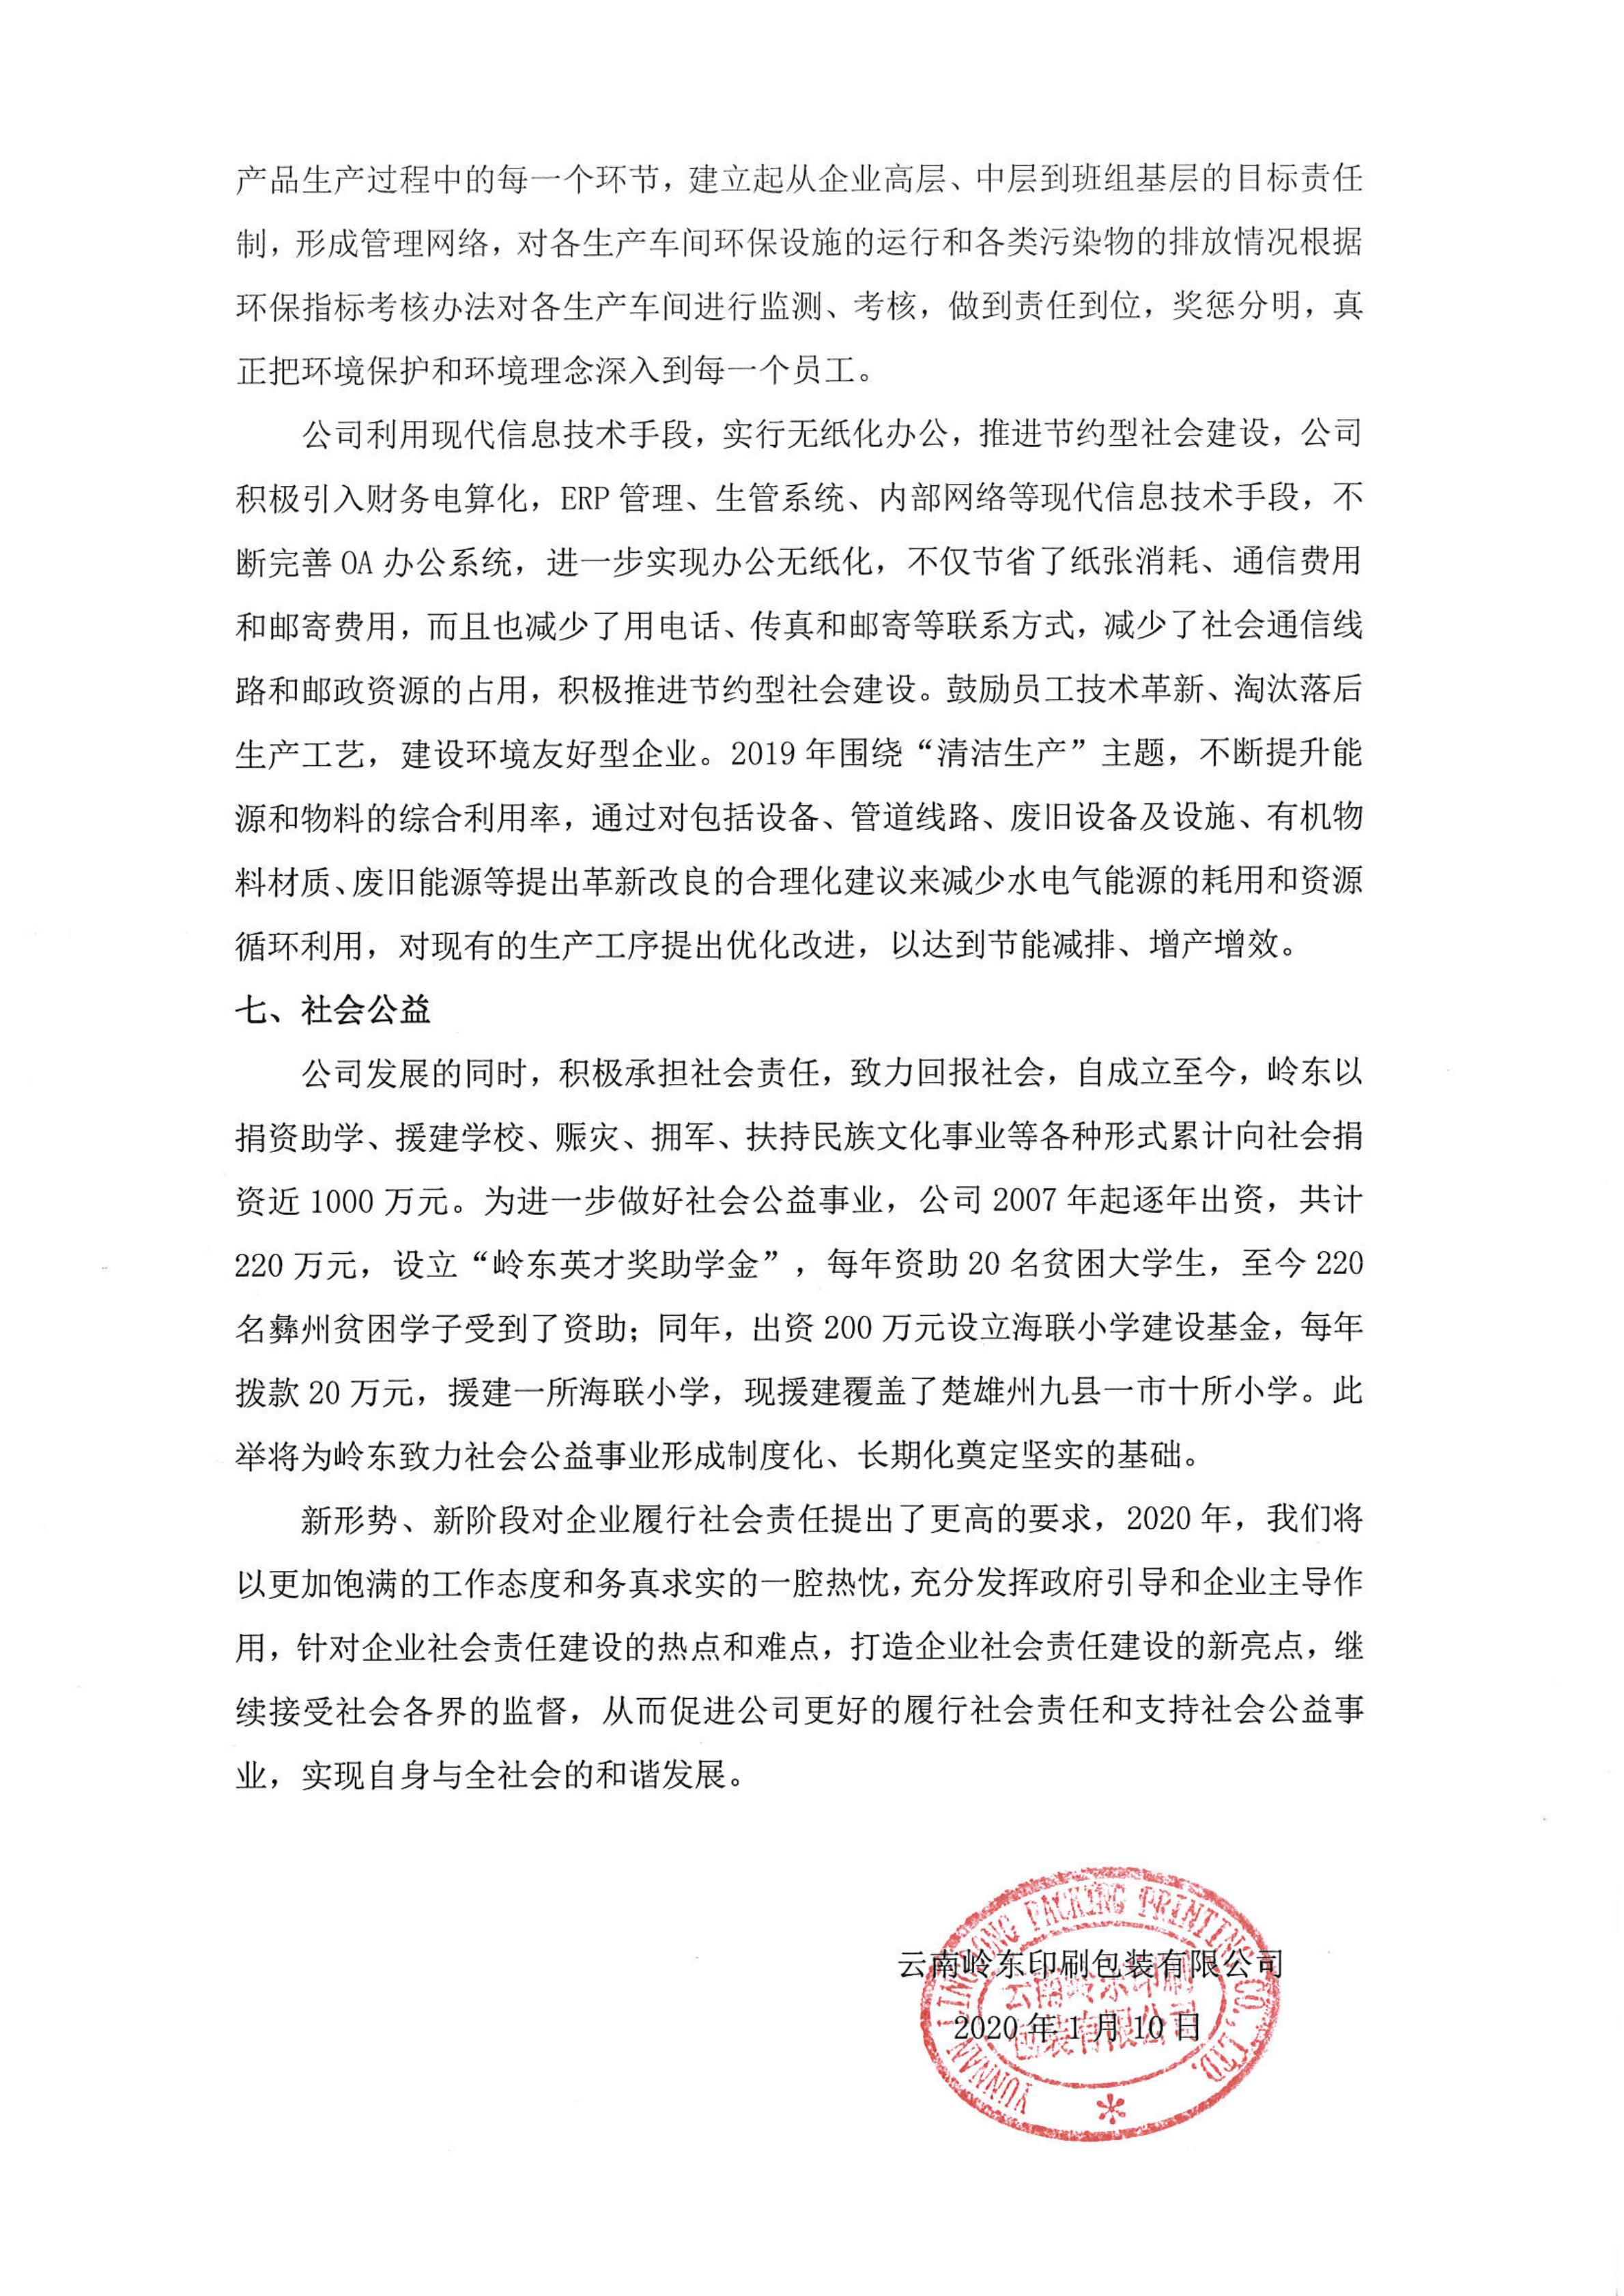 2019年度社会责任报告_02.png